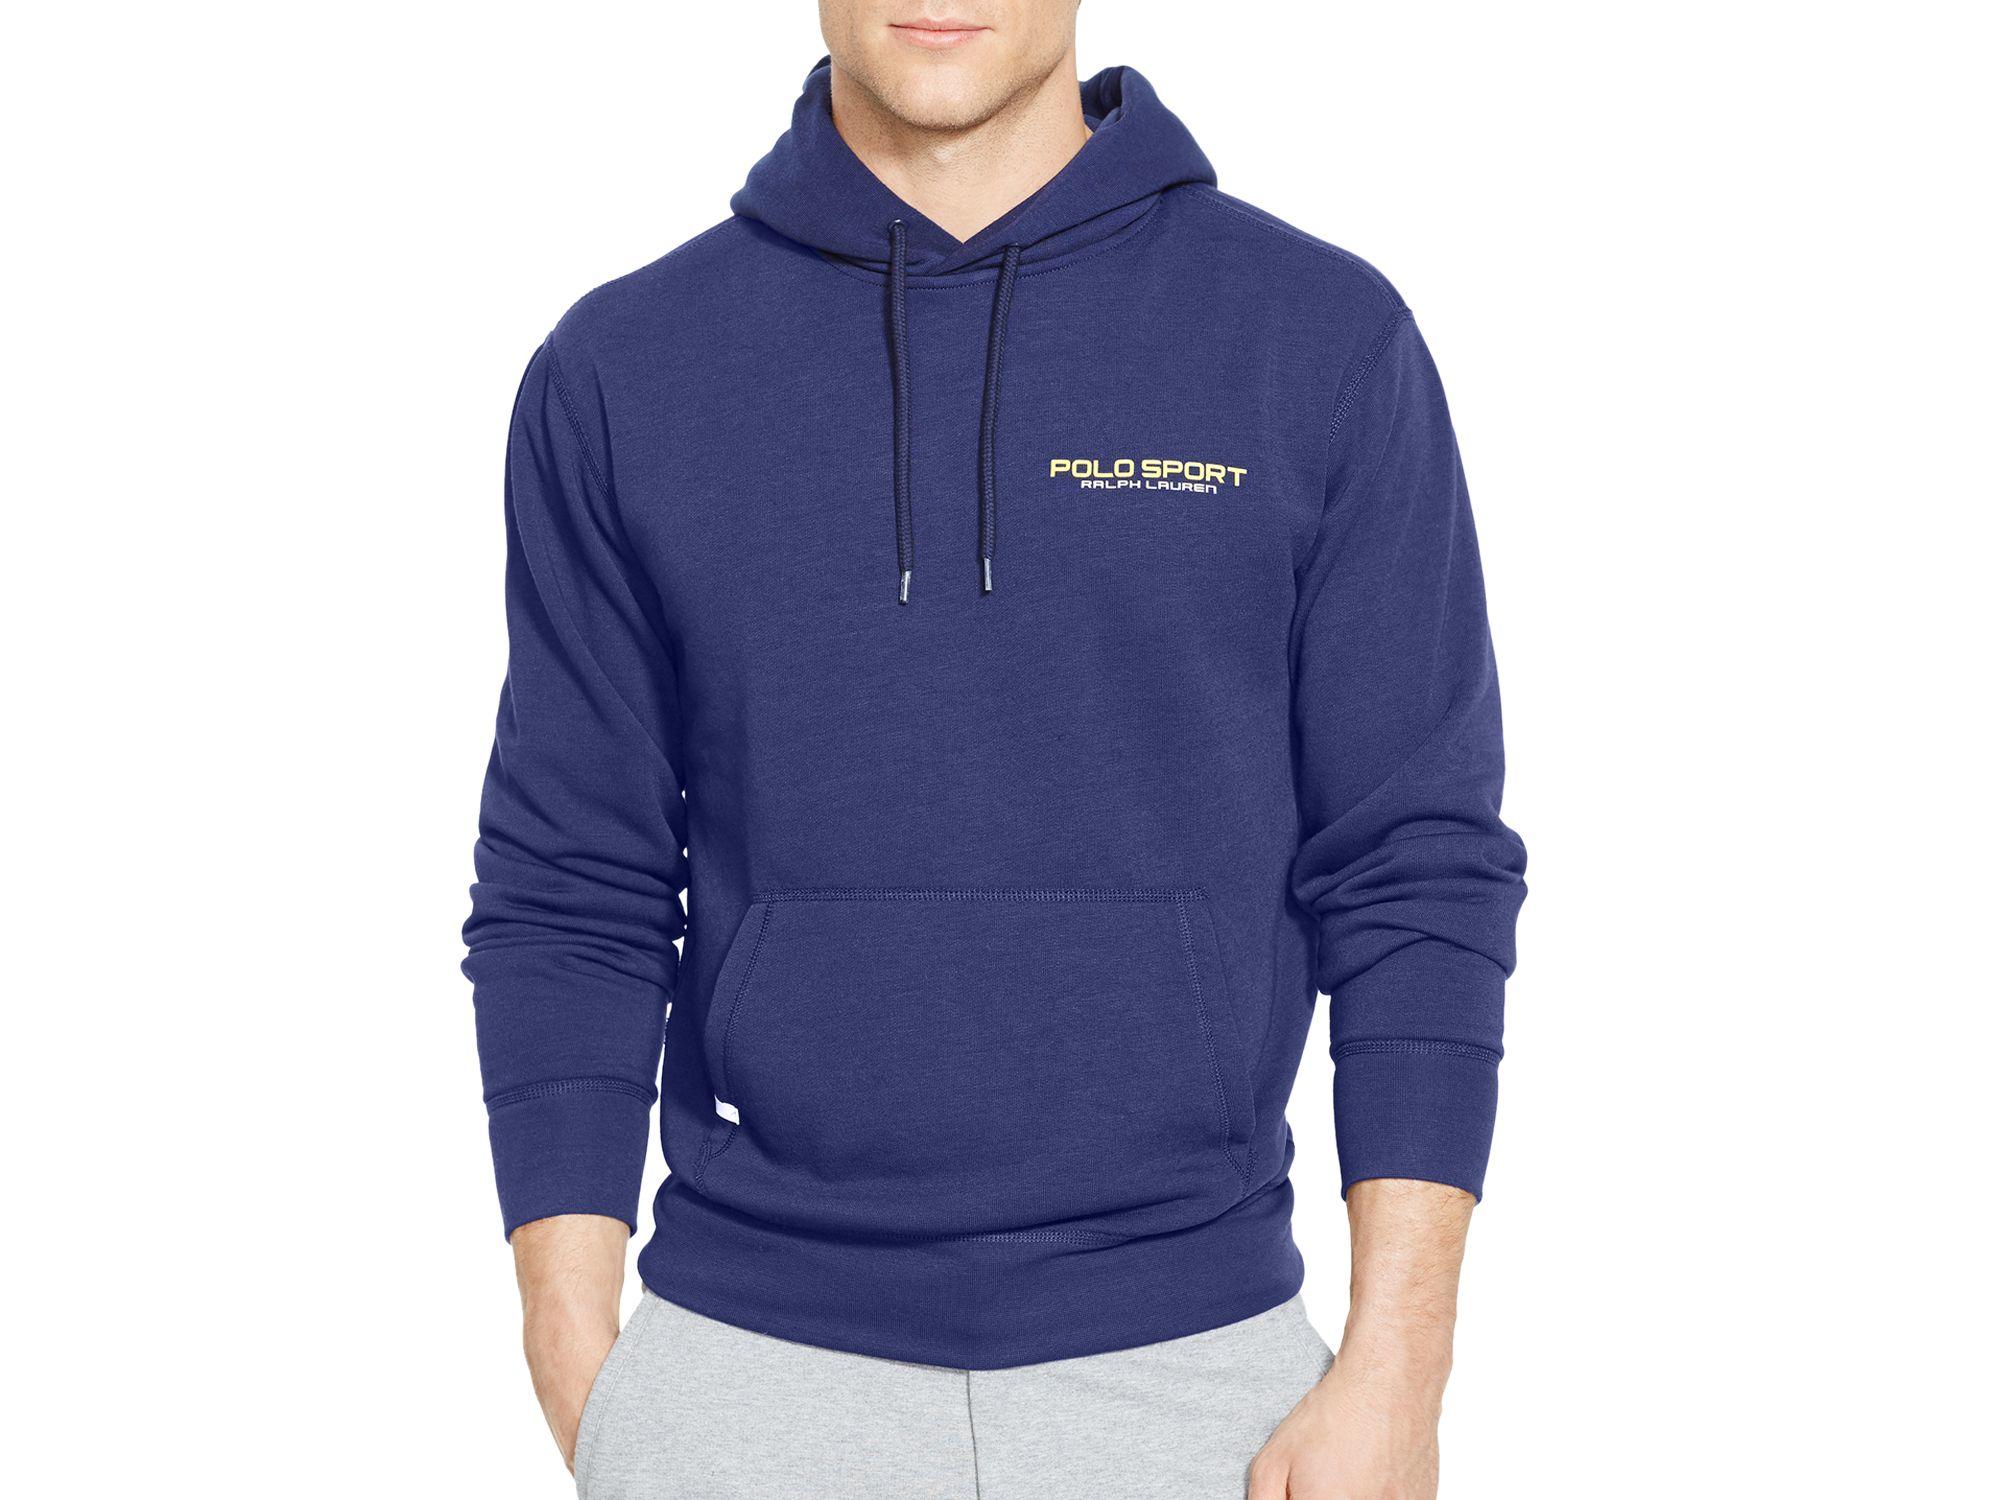 f18c5959 Ralph Lauren Blue Polo Sport Fleece Pullover Hoodie for men